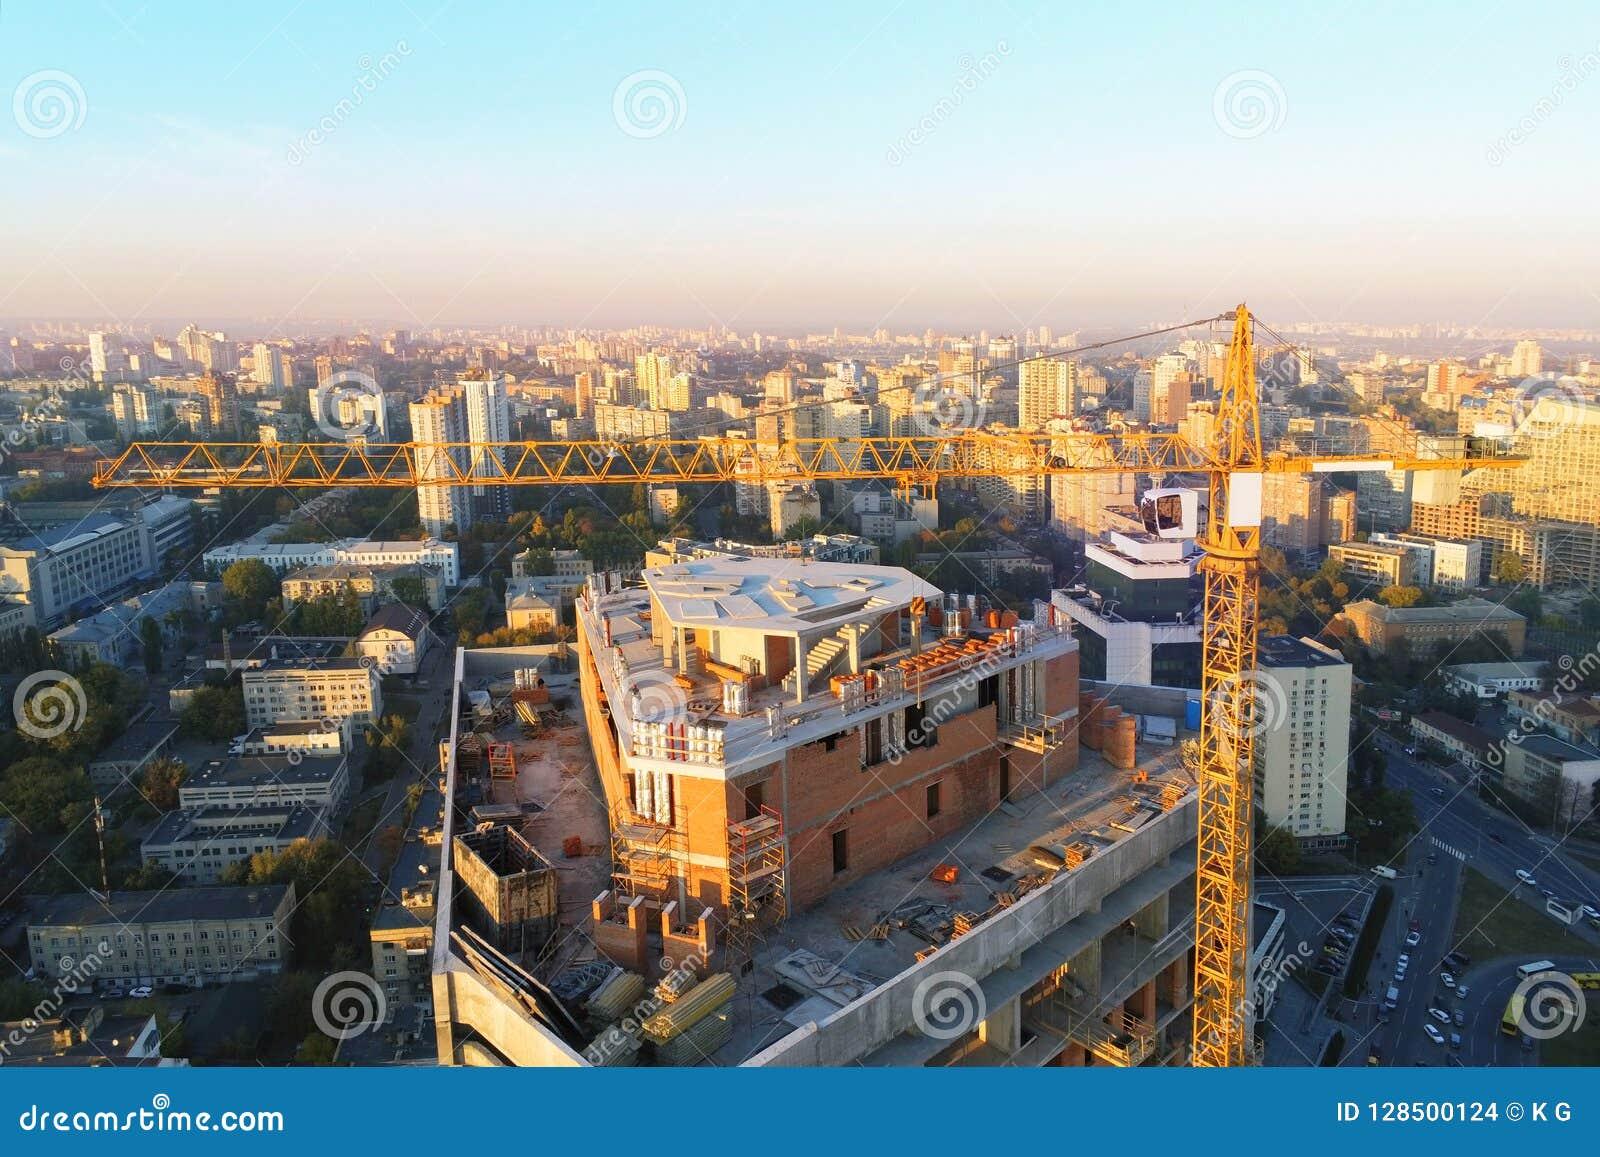 För byggnadskonstruktion för högt torn plats Industriell kran för fel Flyg- surrsikt Metropolisstadsutveckling